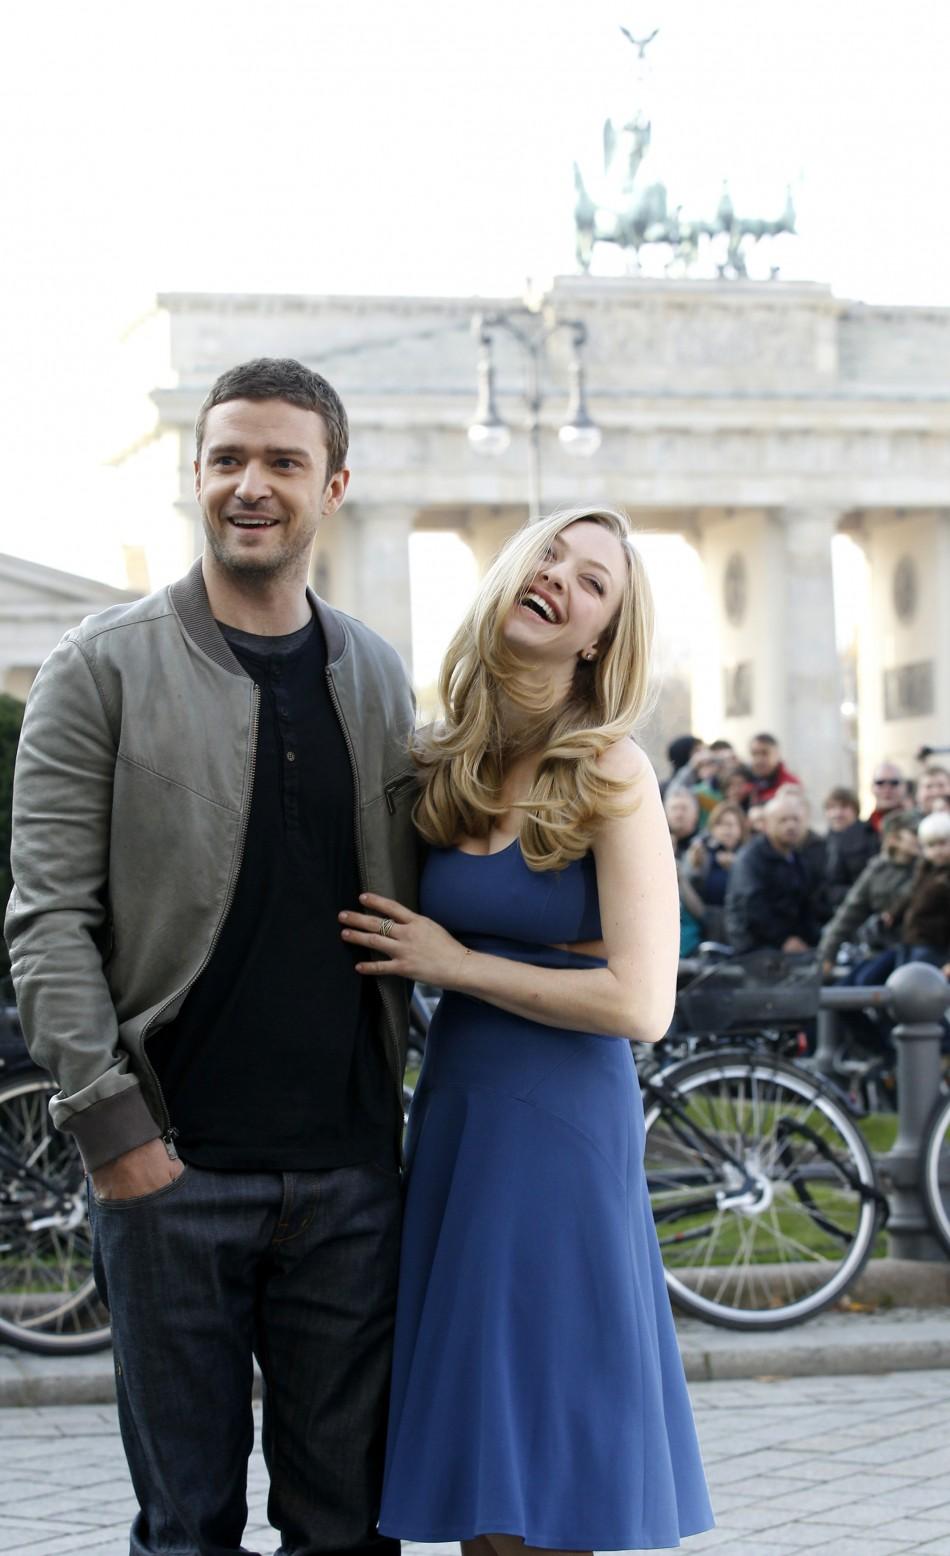 Timberlake and Amanda Seyfried